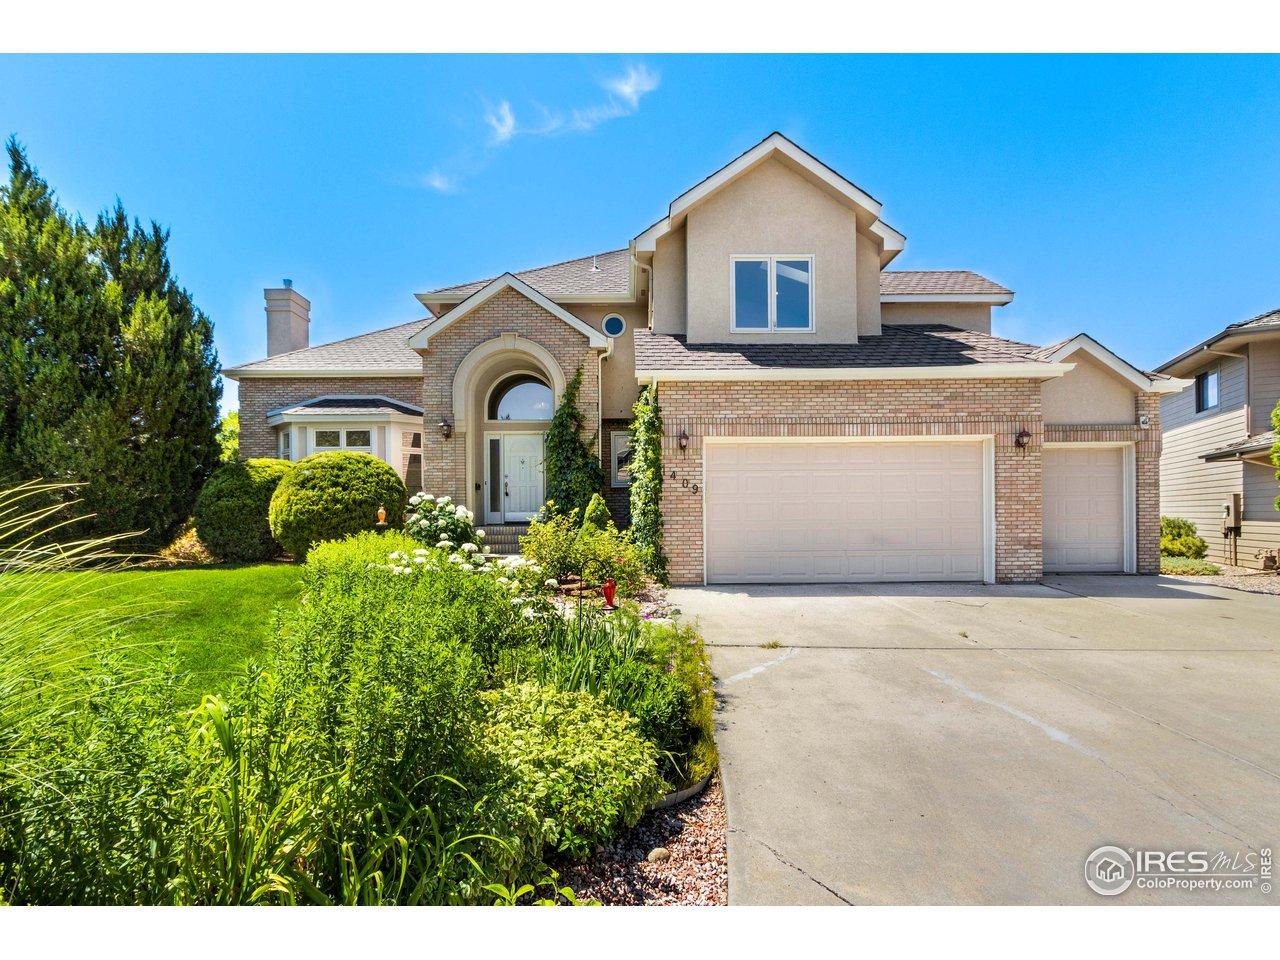 1409 Glen Eagle Ct, Fort Collins CO 80525